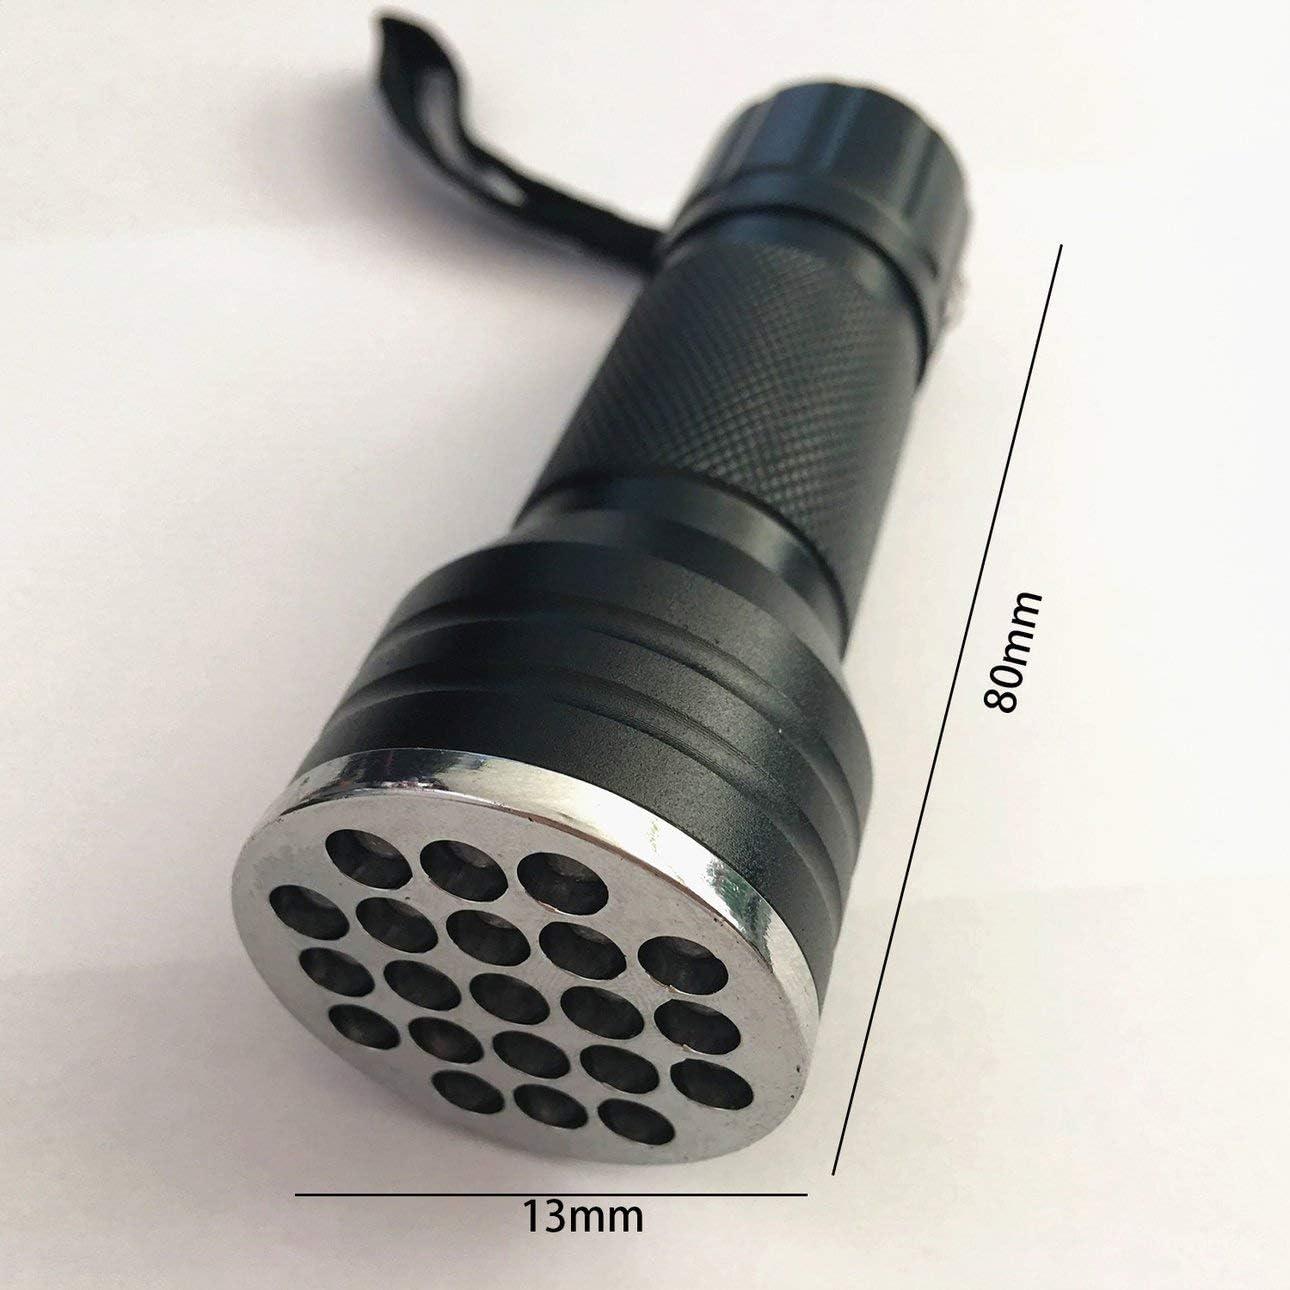 Ballylelly 21 LED Luz de antorcha UV 395 NM Linterna Ultravioleta multifunci/ón Detector de Manchas de orina para Mascotas L/ámpara de inspecci/ón de Escorpiones